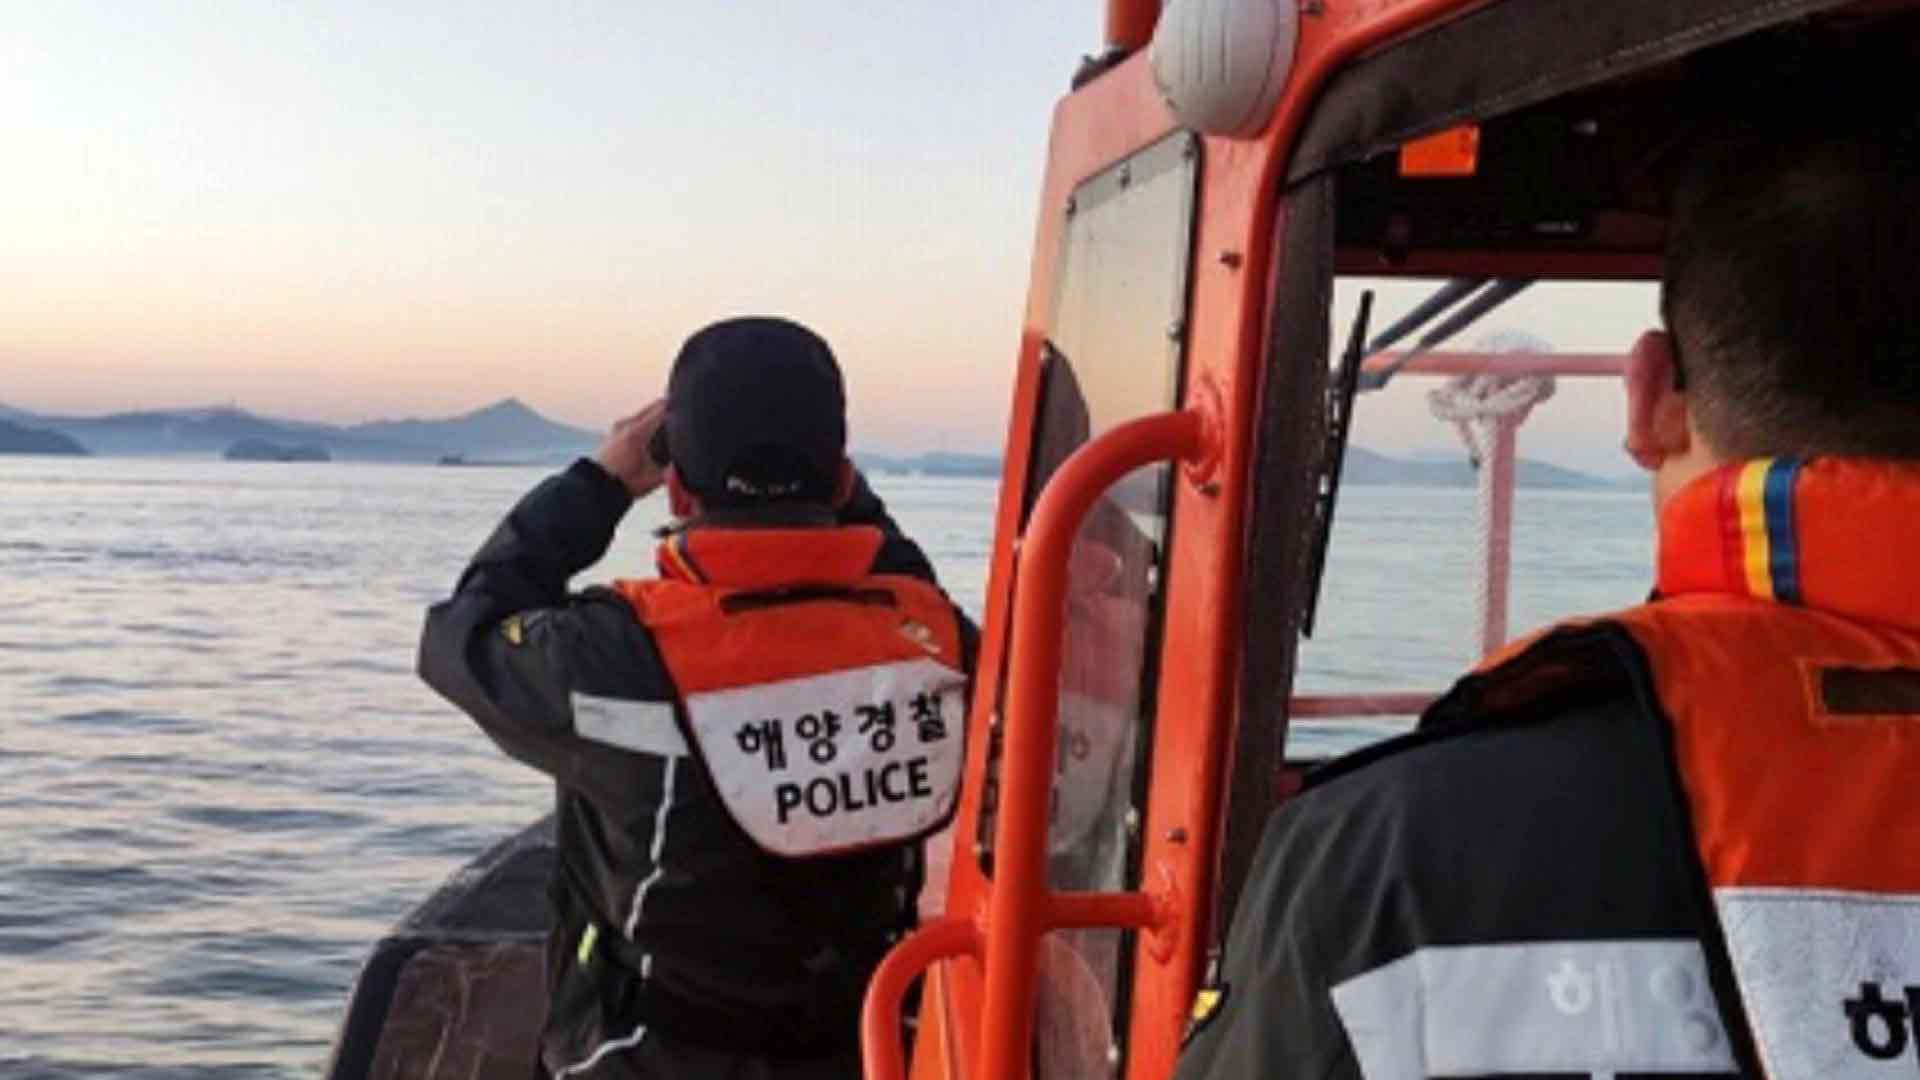 충남 서산 해안서 갯벌체험 나선 50대 실종…해경 수색